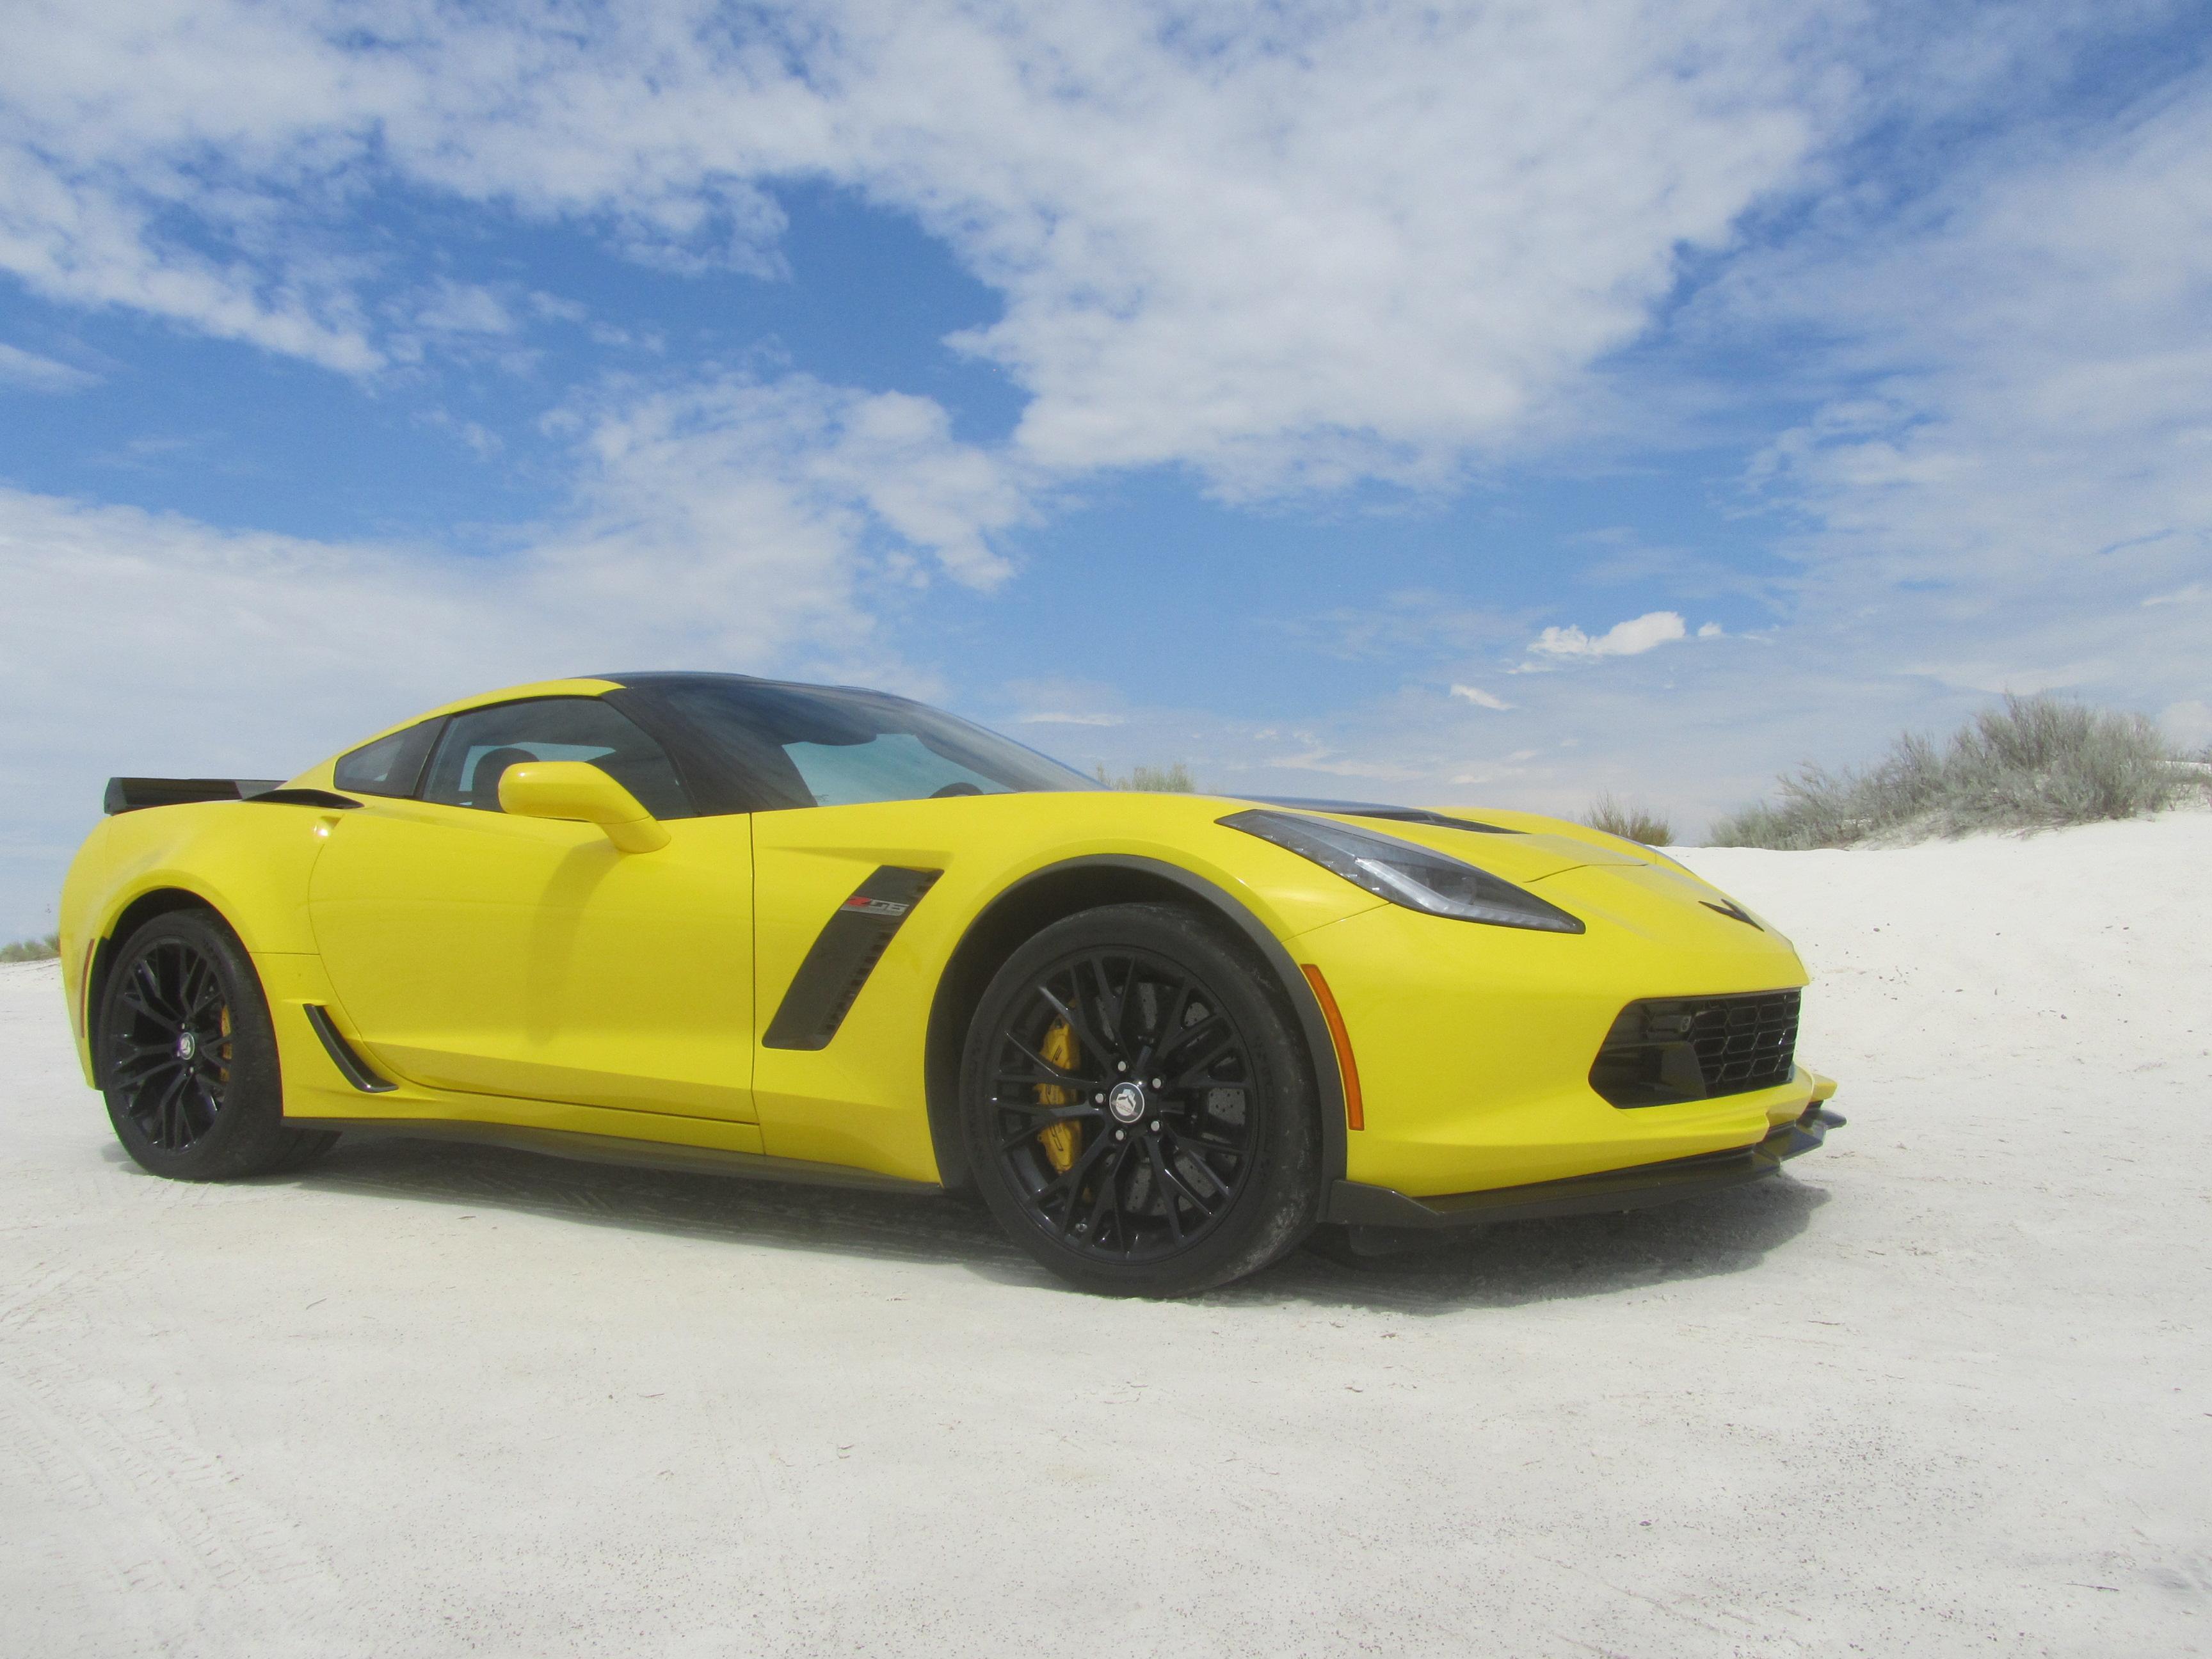 2016 Z06 Z07 Corvette Racing Yellow Thank You Stingray Forum